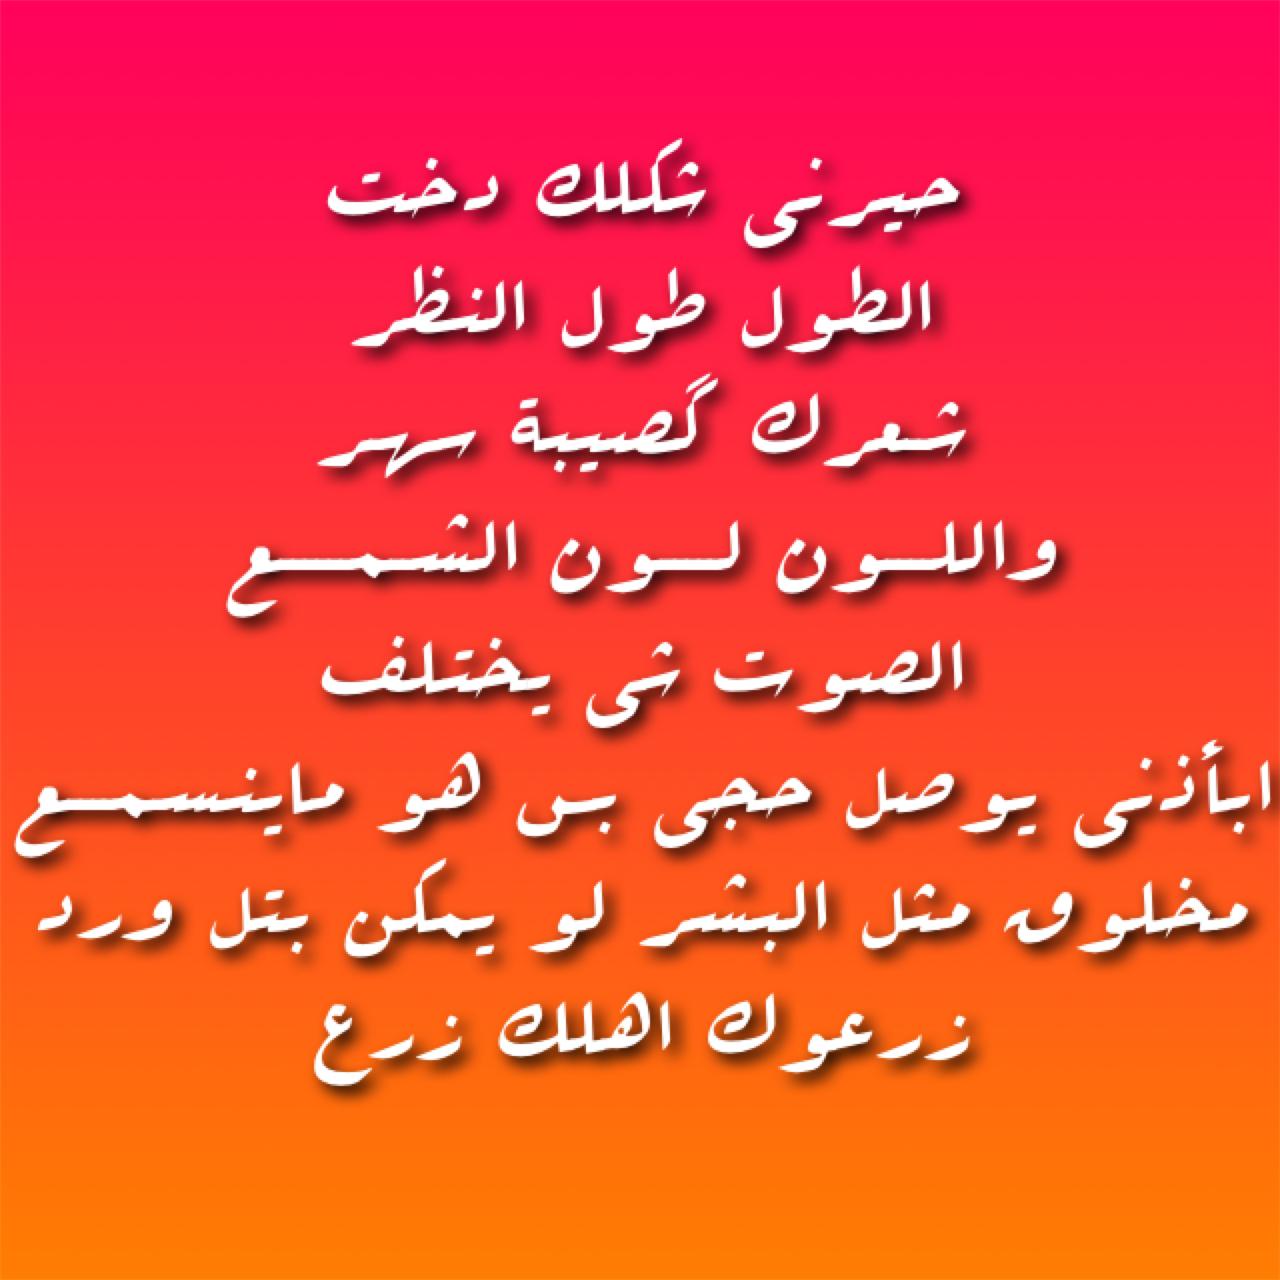 شعر عراقي حزين عن الفراق و الوداع و العتاب